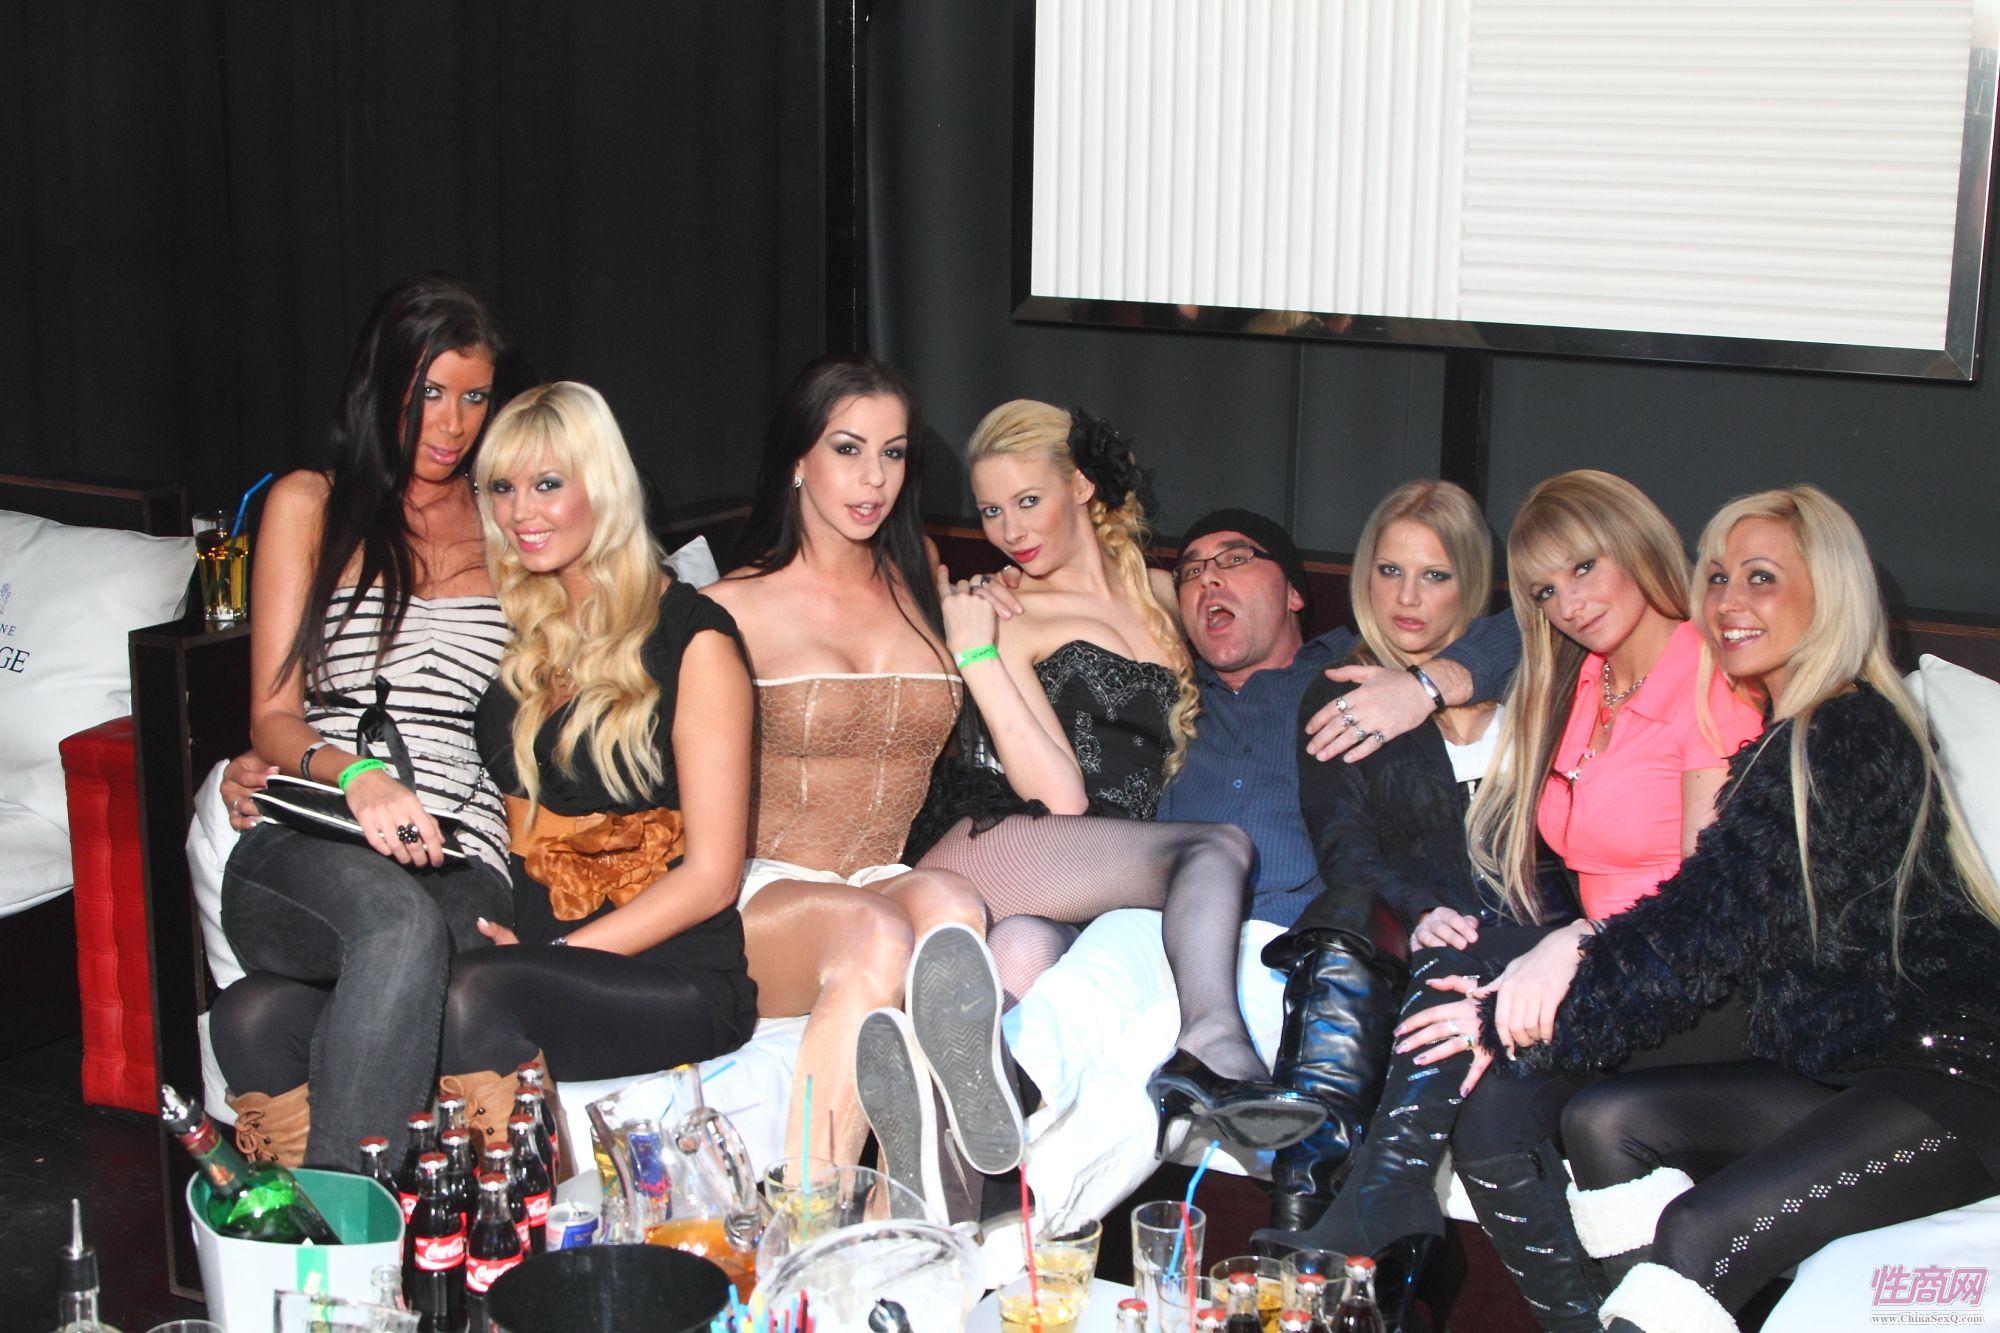 2012拉脱维亚成人展Erots嘉宾参加性感派对图片1